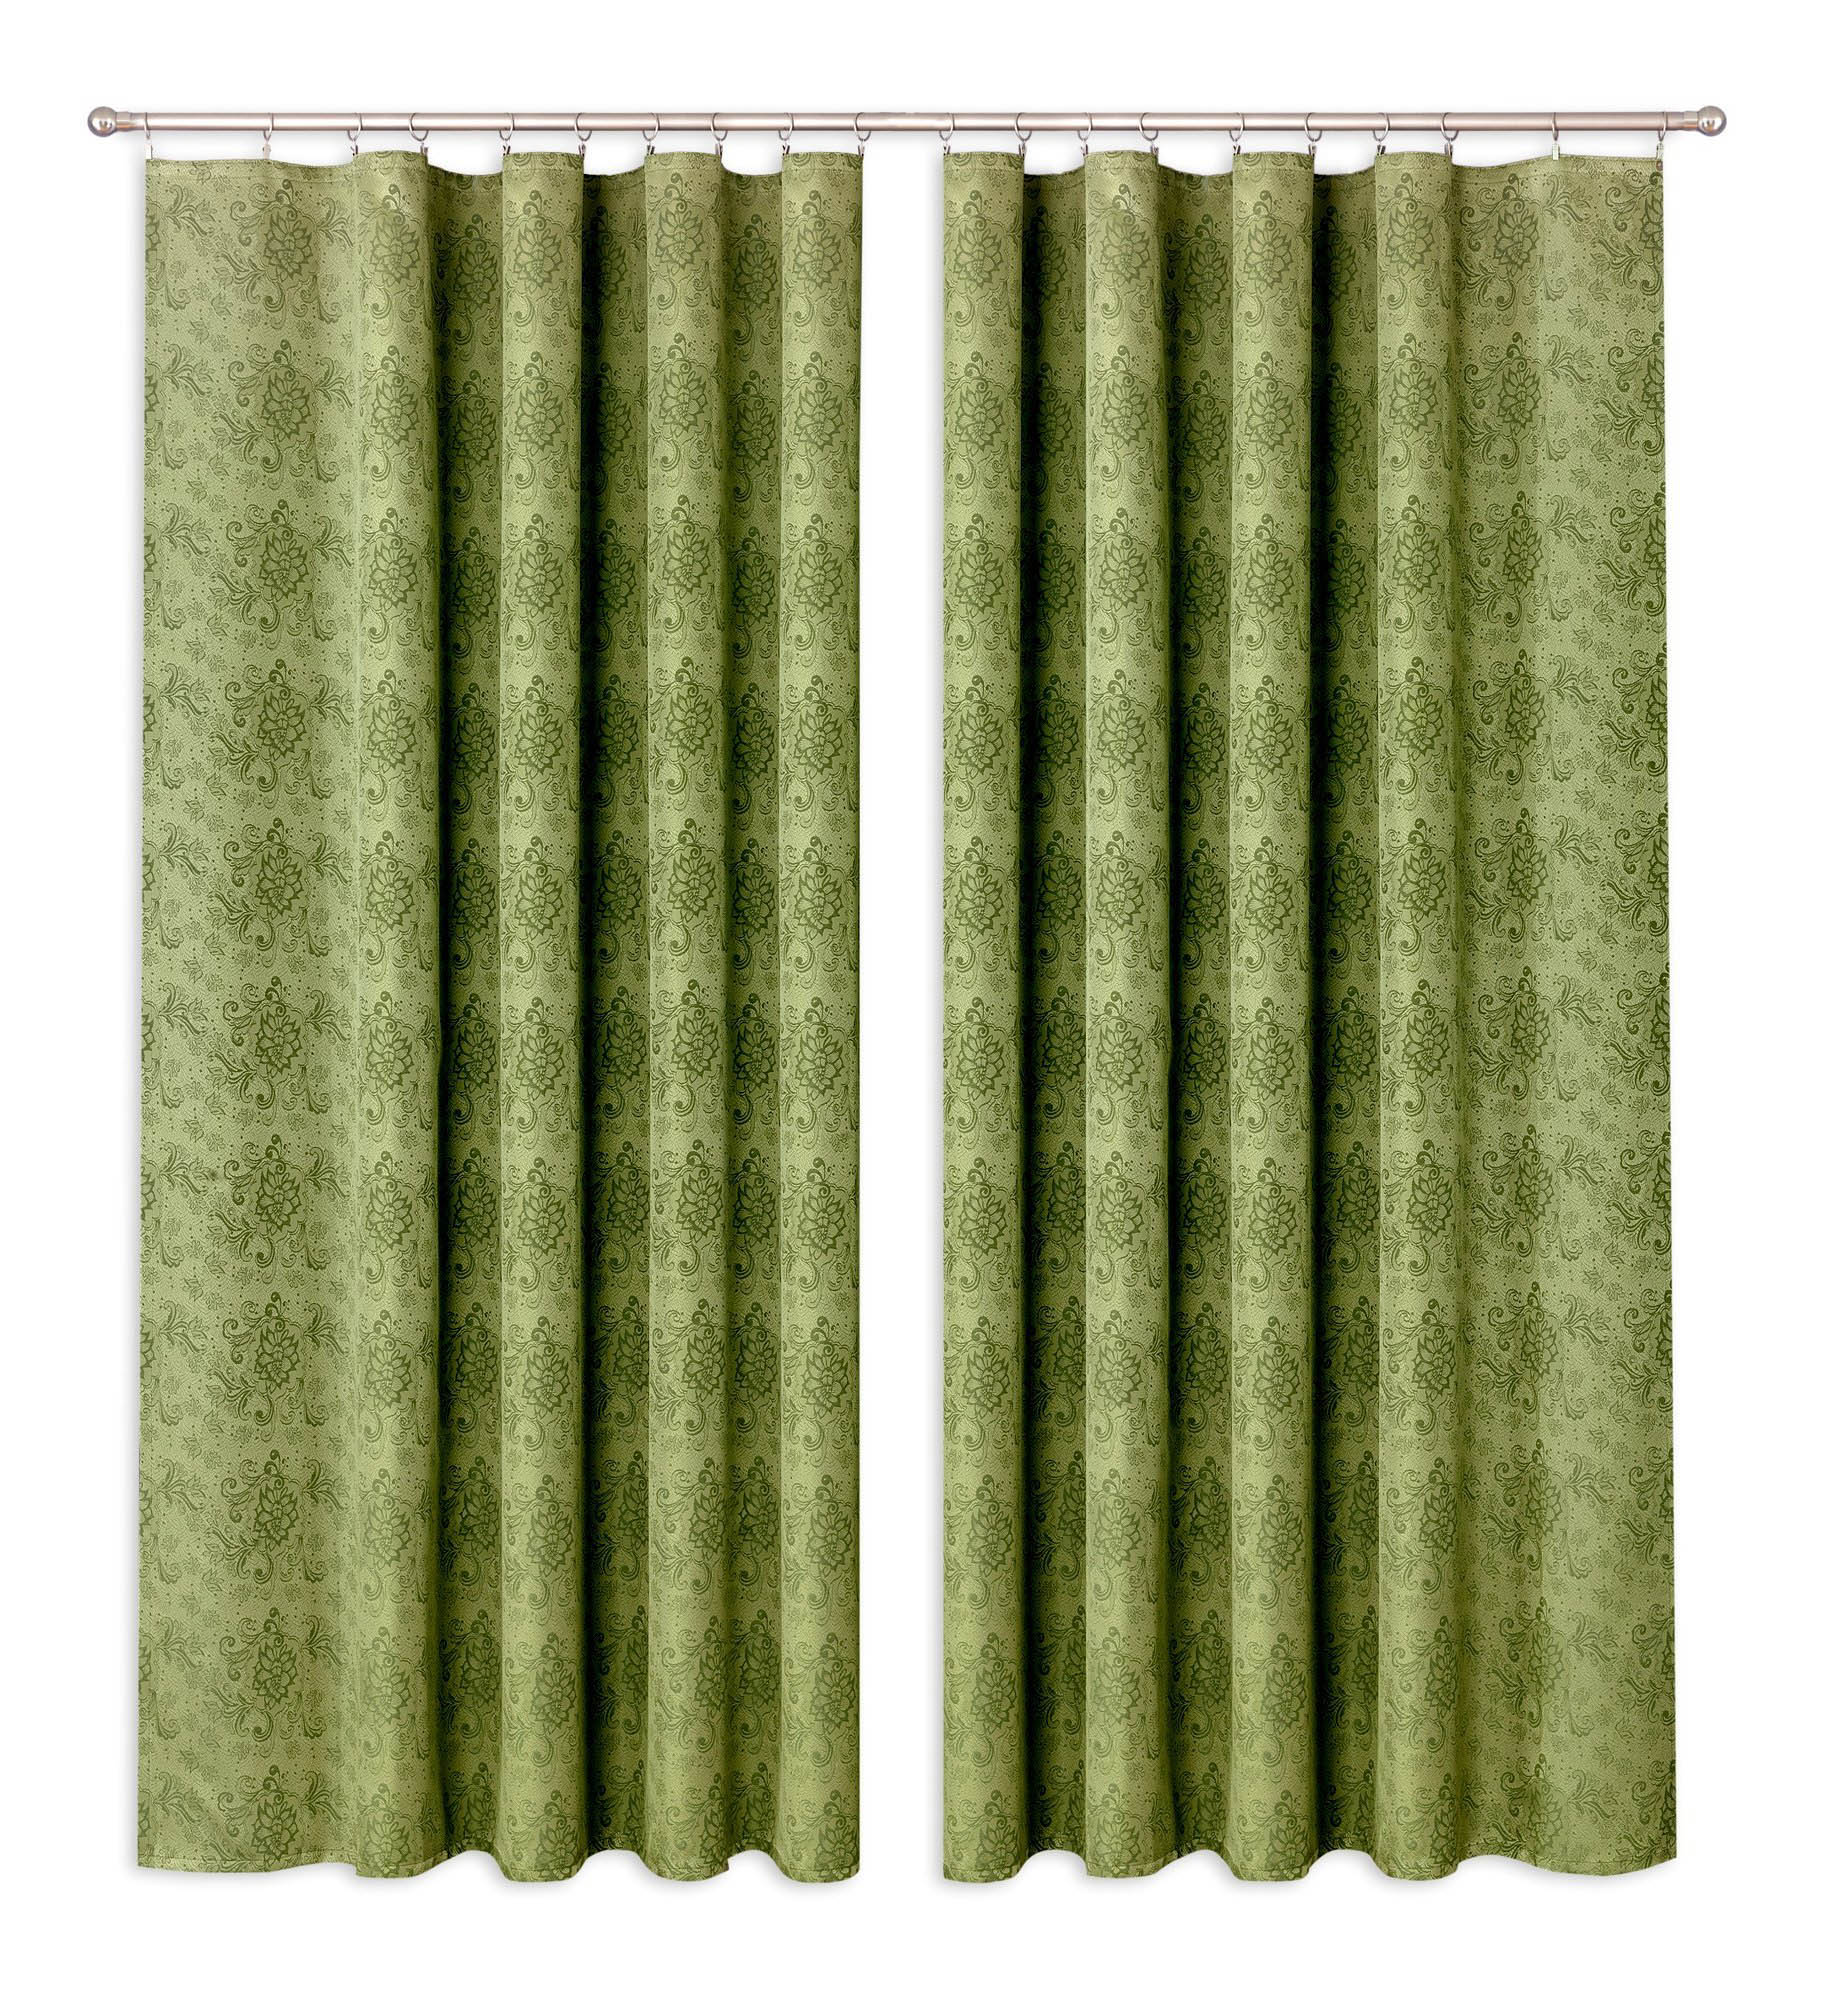 Шторы Primavera Классические шторы Mahalah Цвет: Зеленый шторы primavera классические шторы maev цвет персиковый